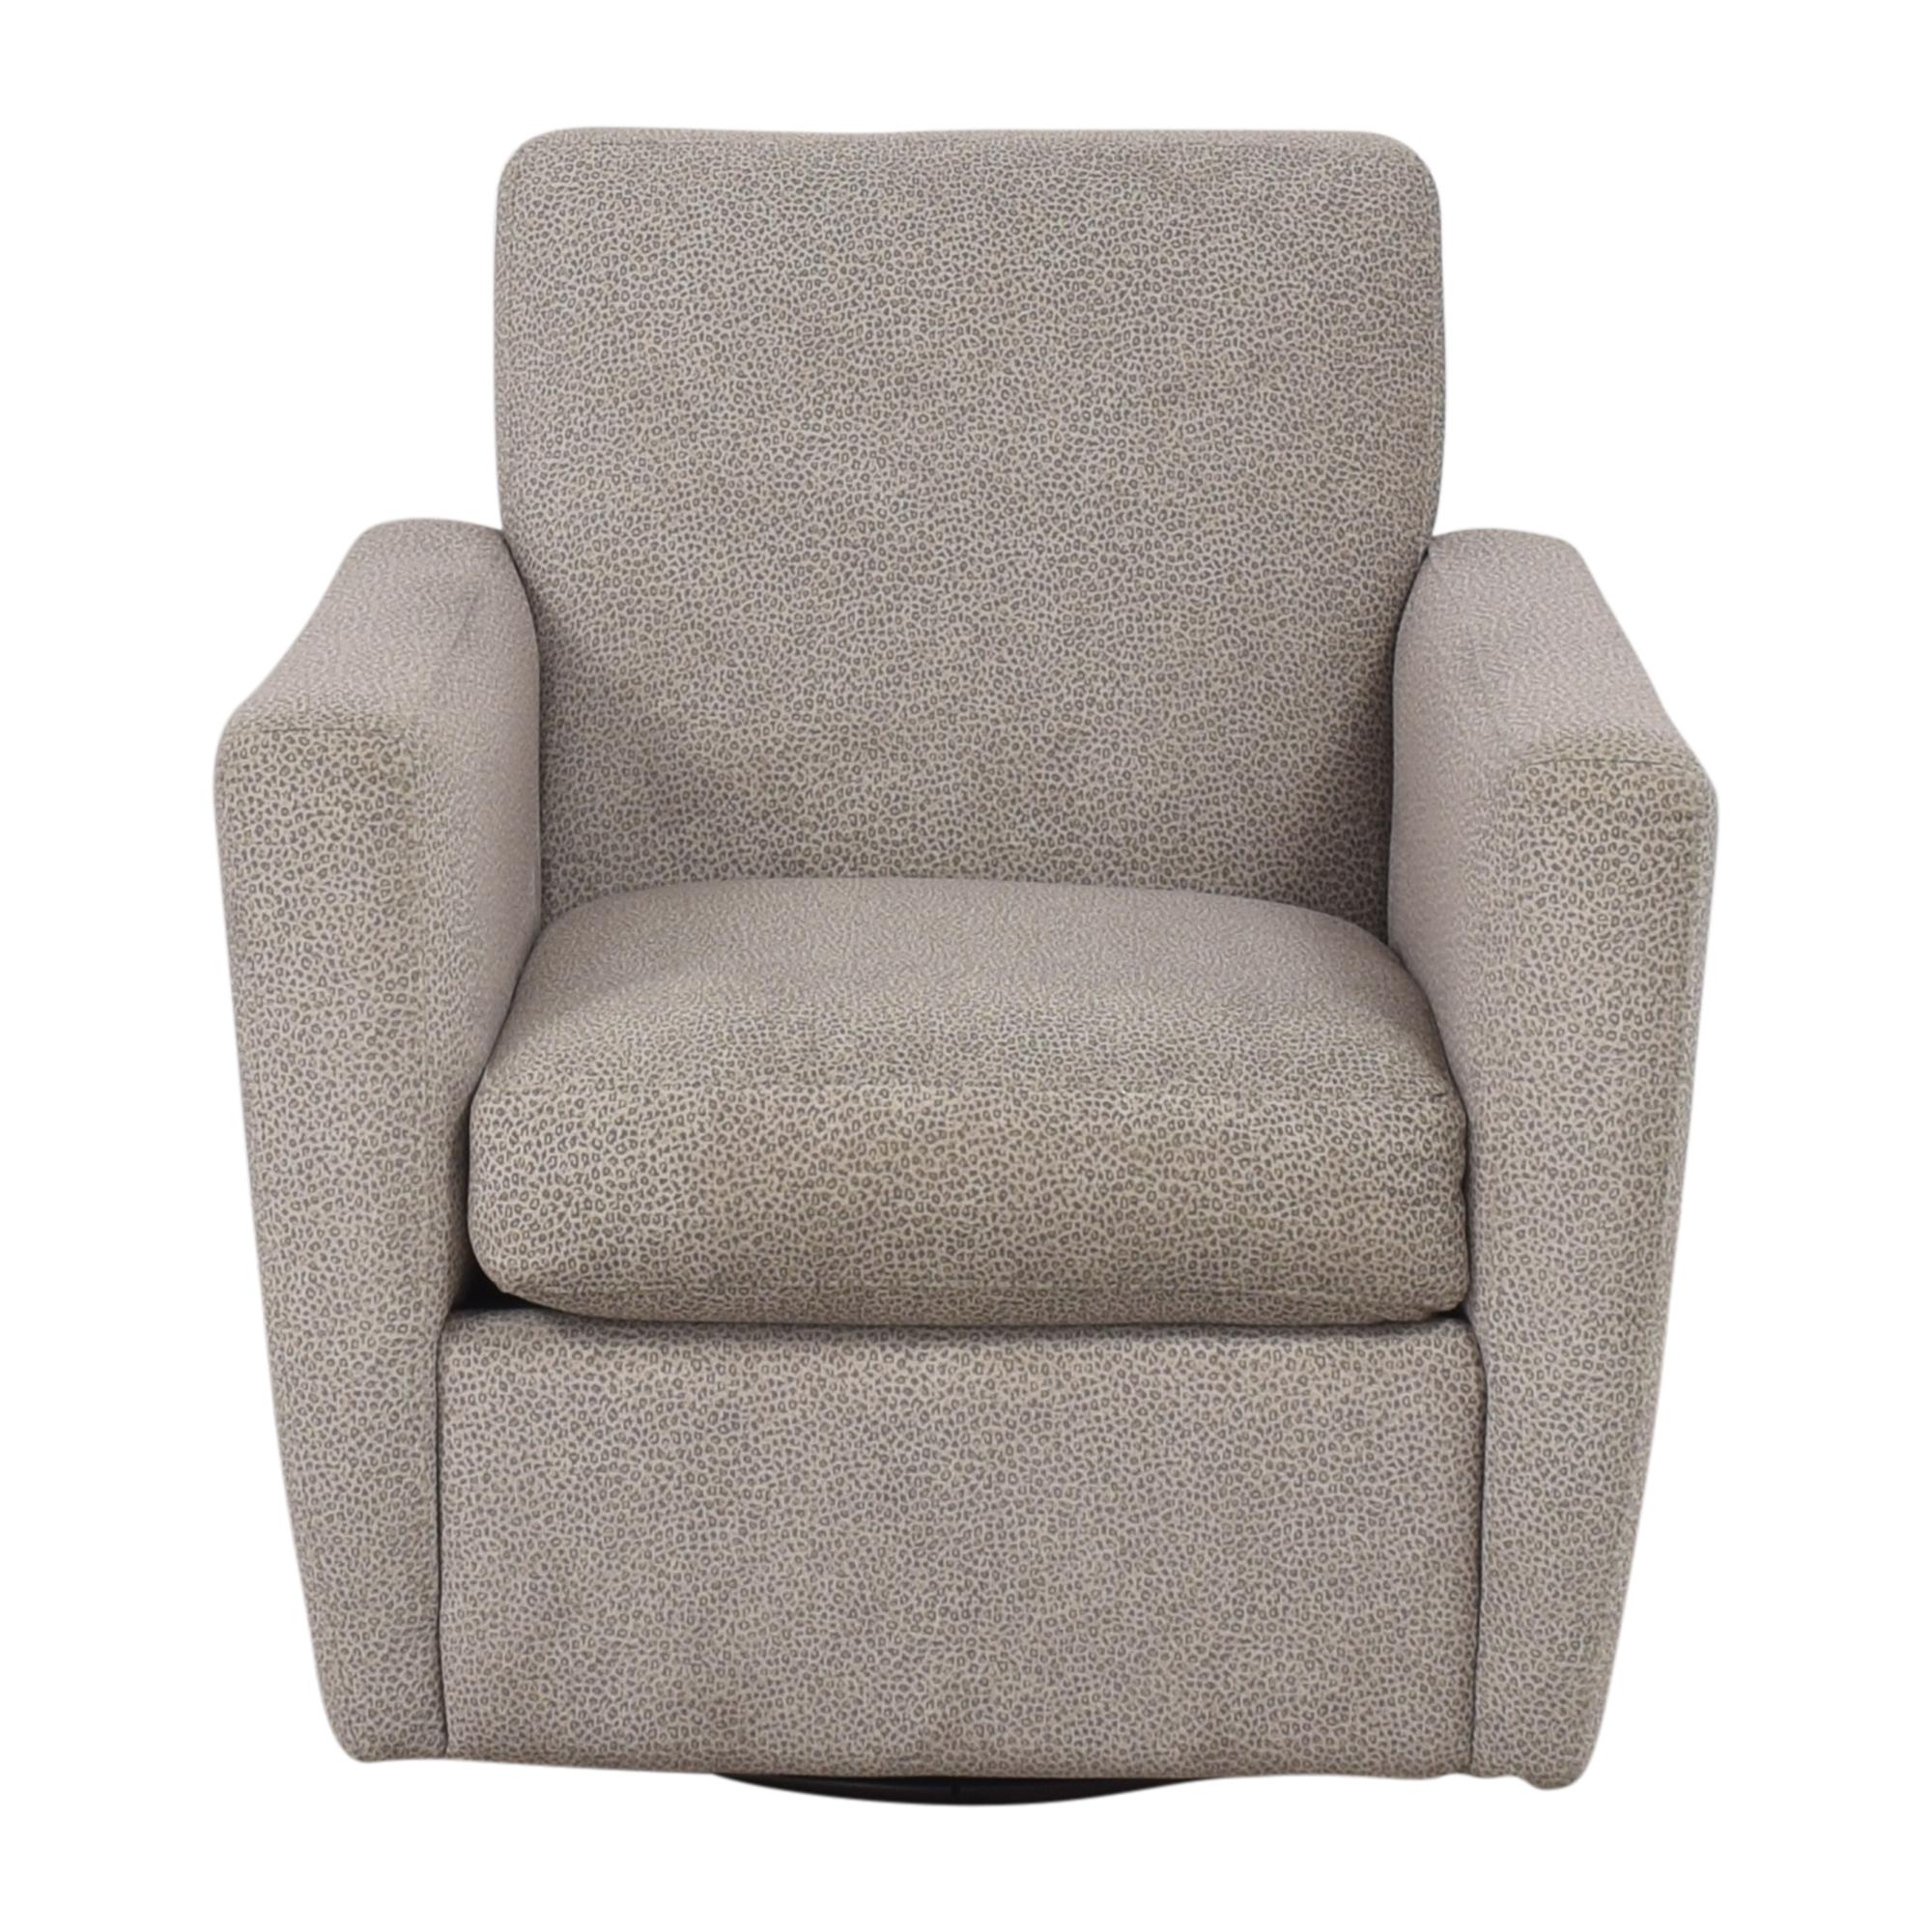 Macy's Macy's Ventura Swivel Chair Chairs